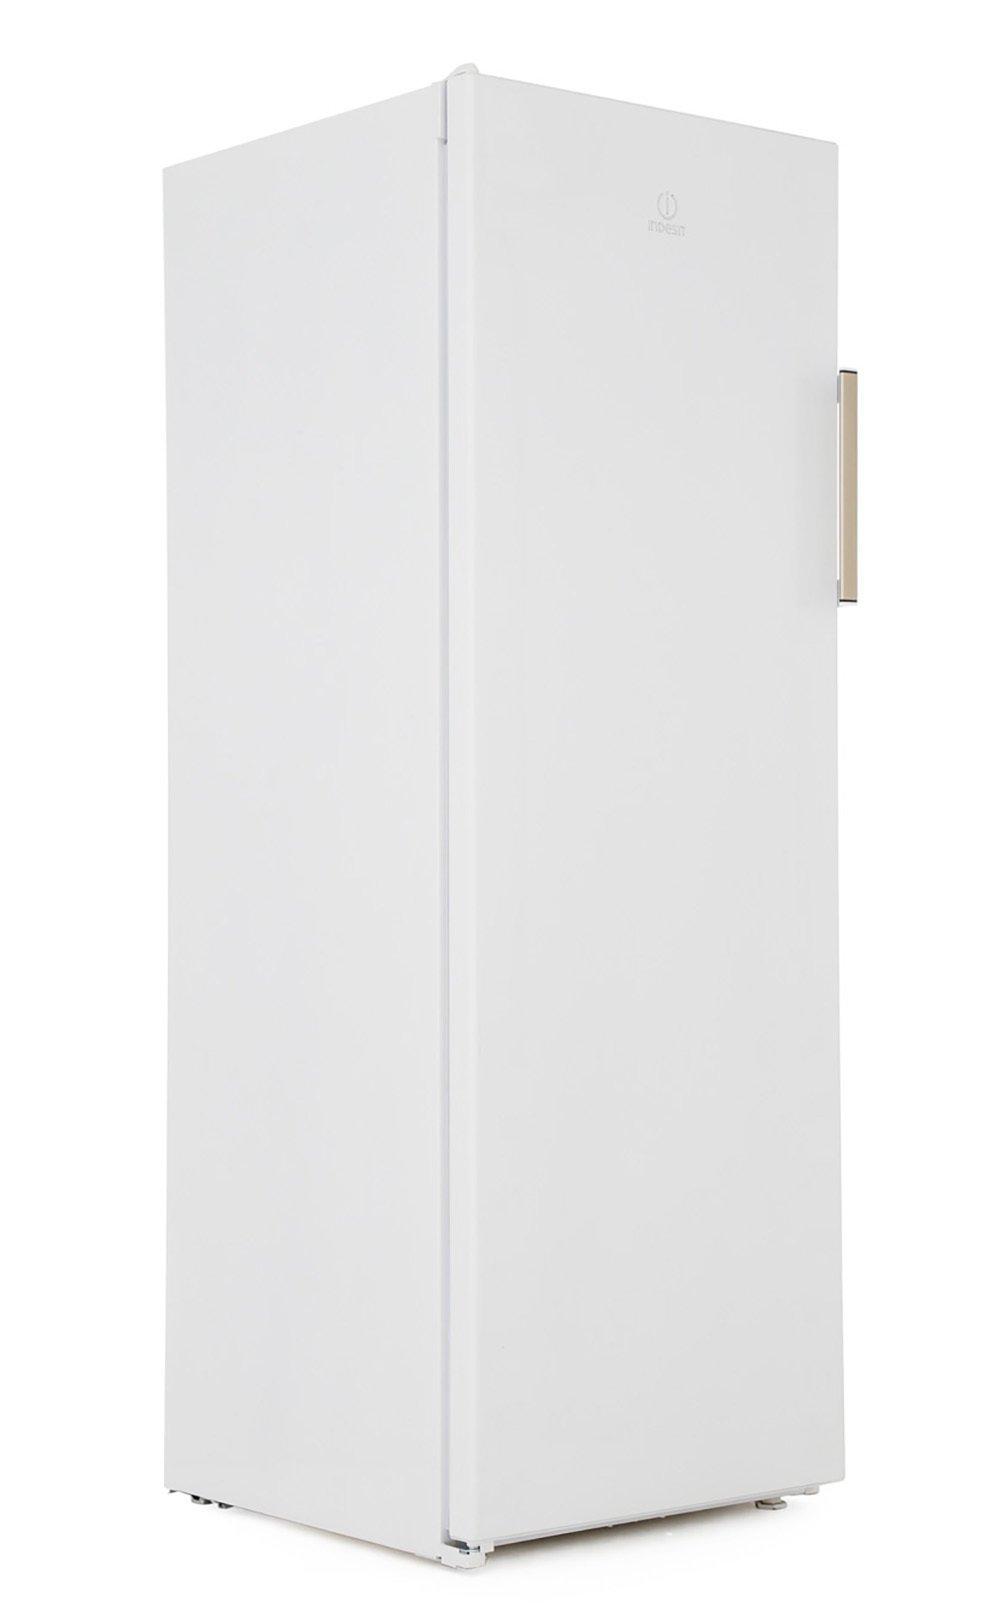 Indesit UI6 F1T W UK.1 Frost Free Tall Freezer